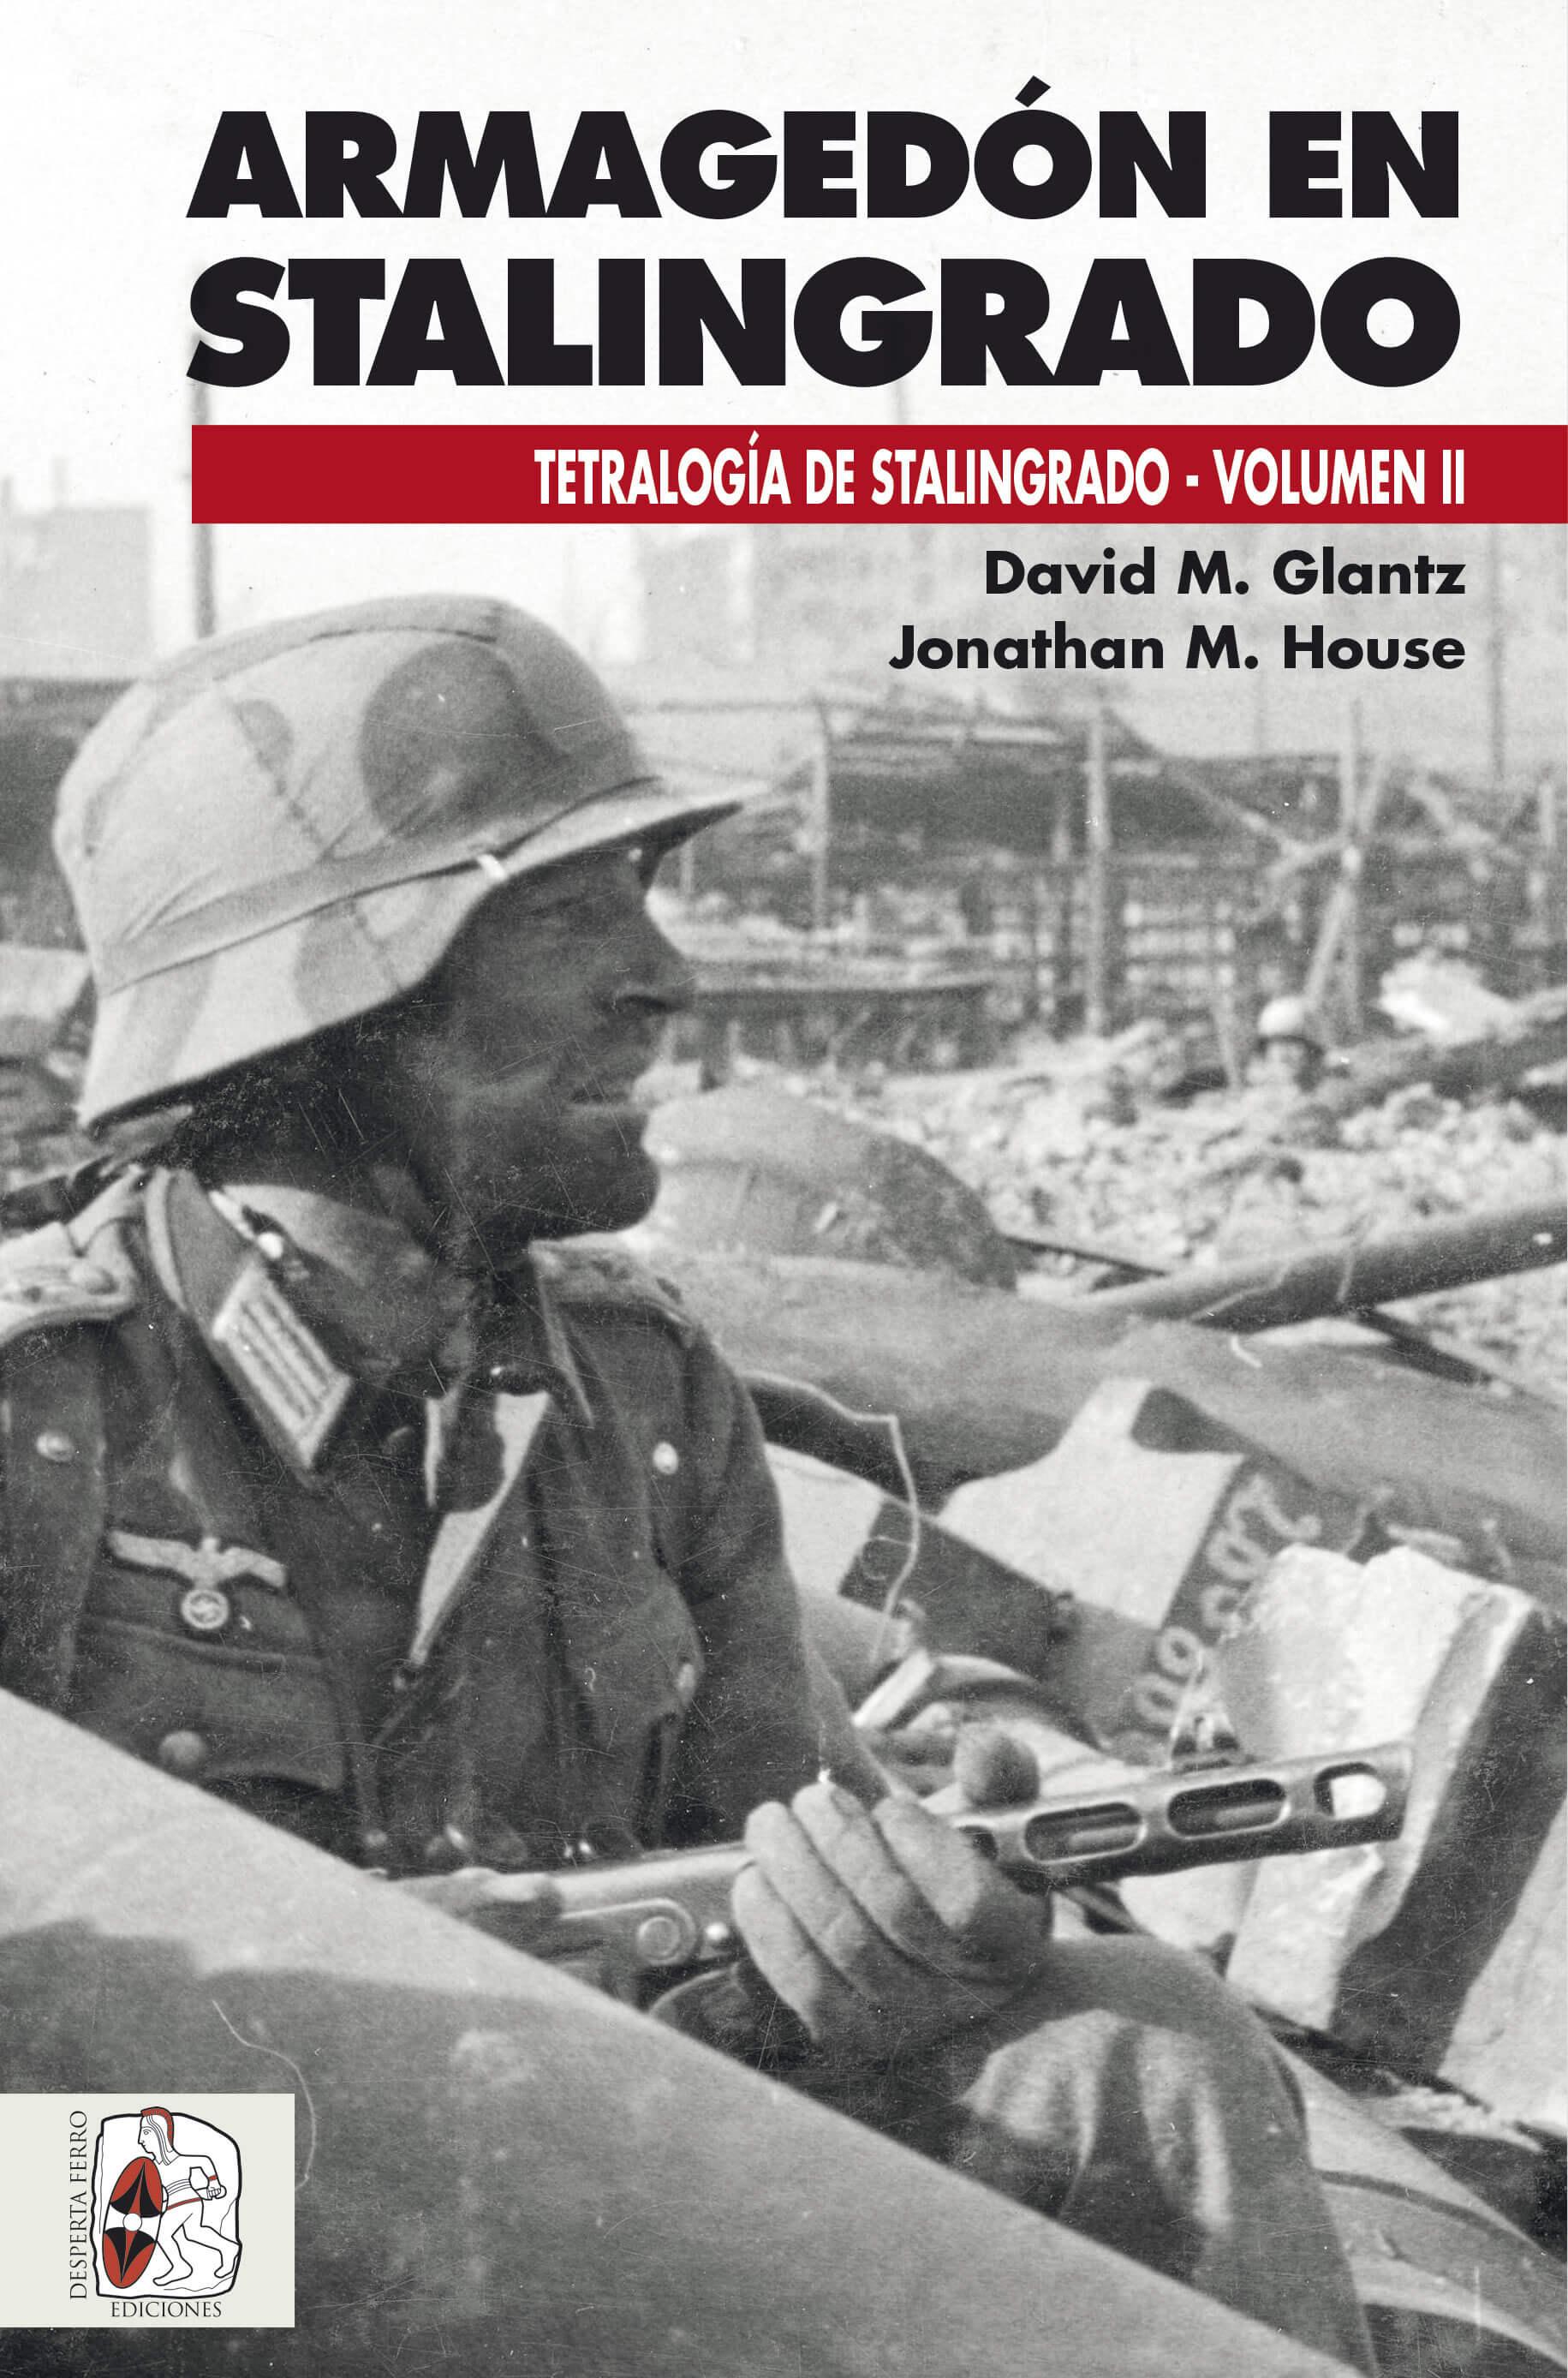 NAZIS Y SEGUNDA GUERRA MUNDIAL (reflexiones, libros, documentales, etc) - Página 9 Armagedon-en-Stalingrado